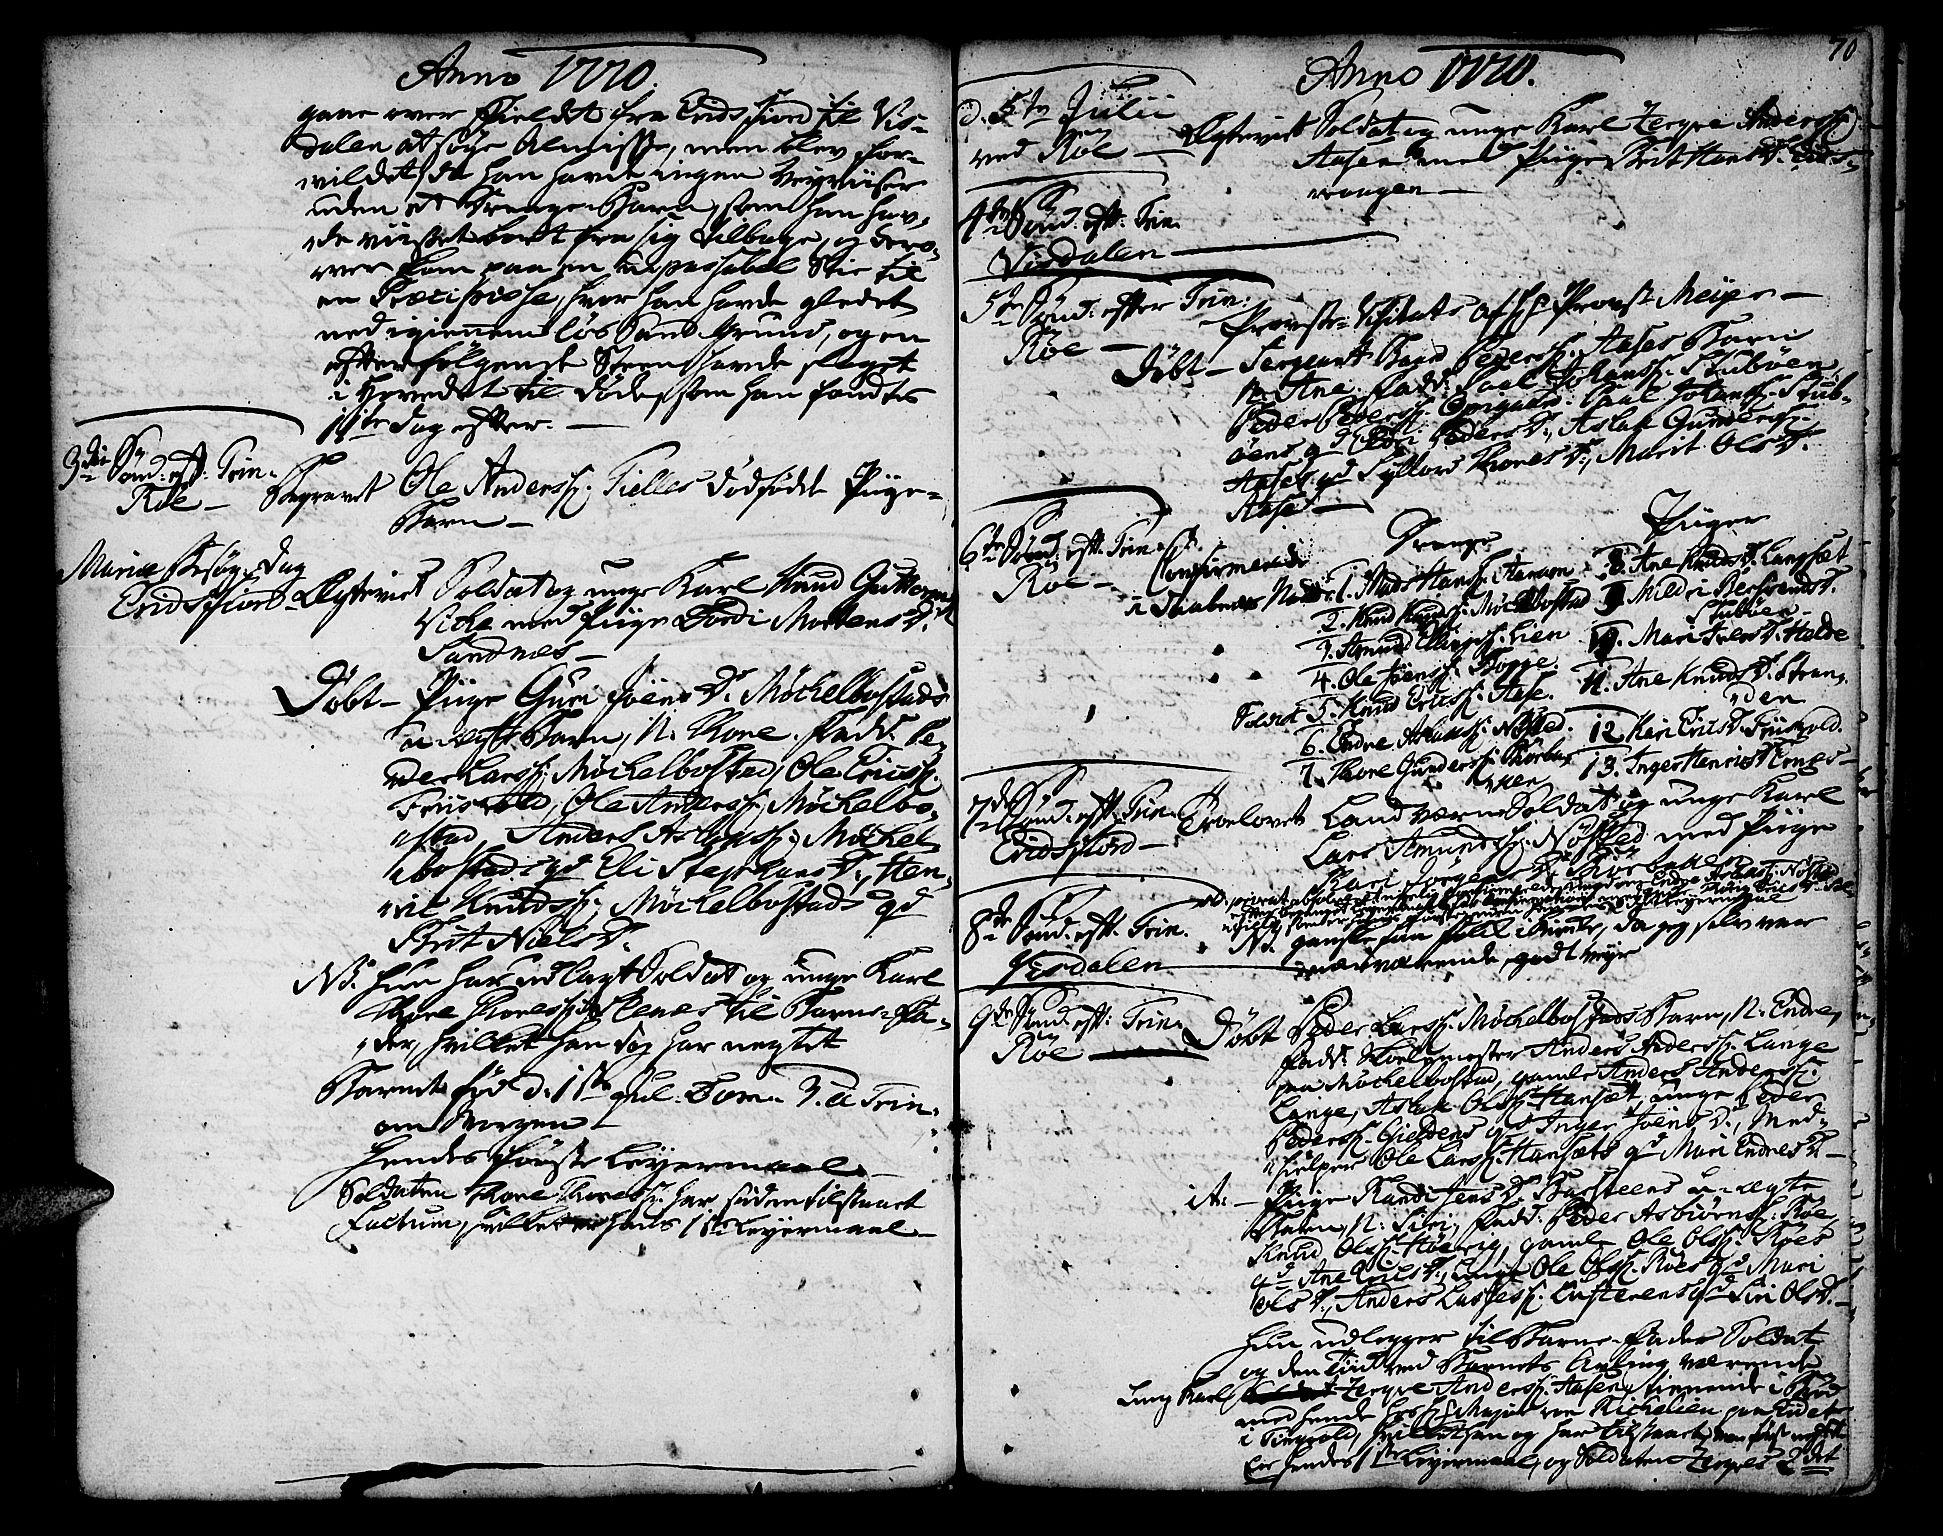 SAT, Ministerialprotokoller, klokkerbøker og fødselsregistre - Møre og Romsdal, 551/L0621: Ministerialbok nr. 551A01, 1757-1803, s. 70